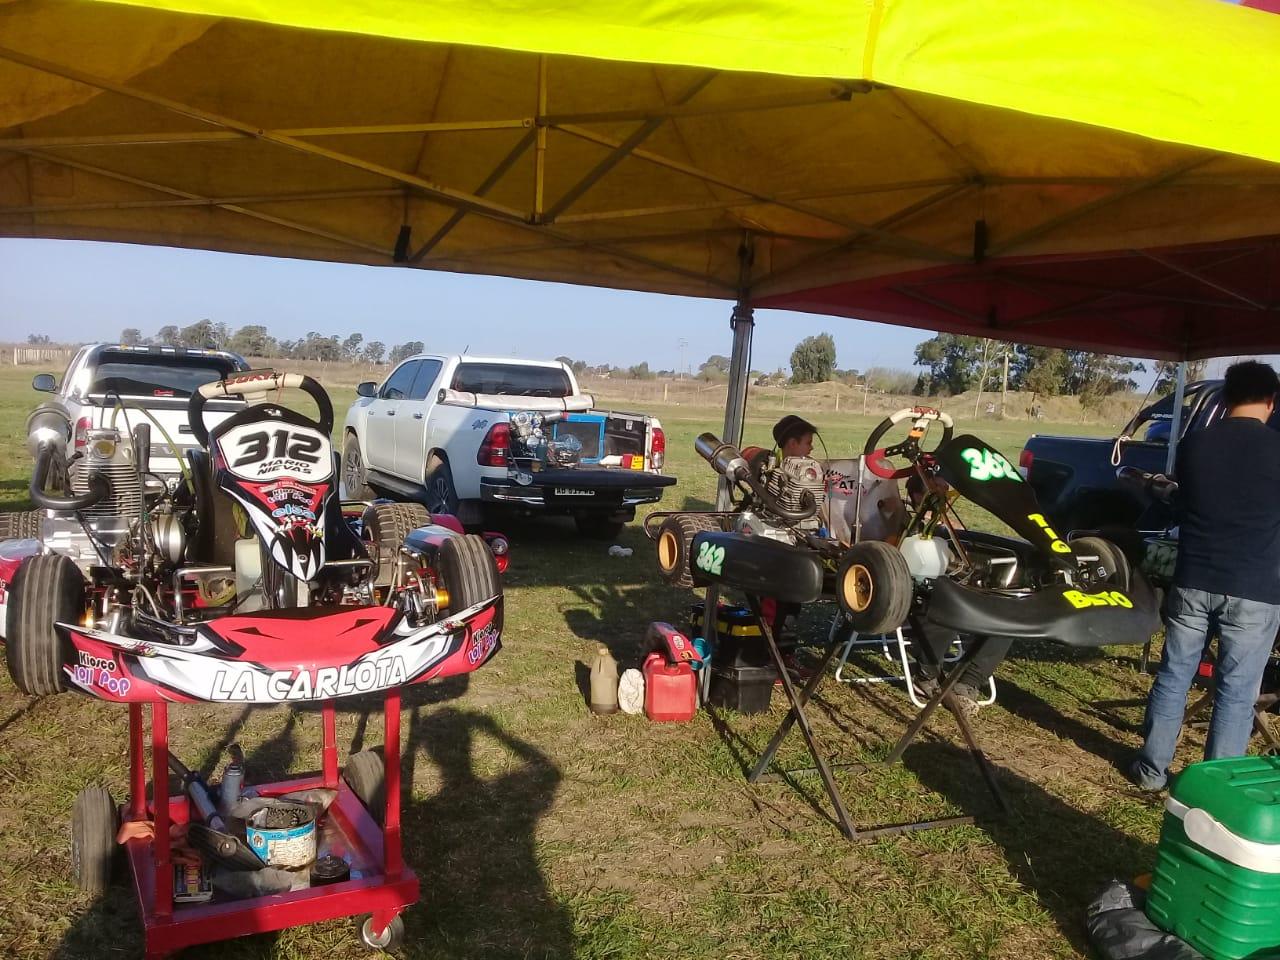 Clasificaciones de los pilotos de Karting locales